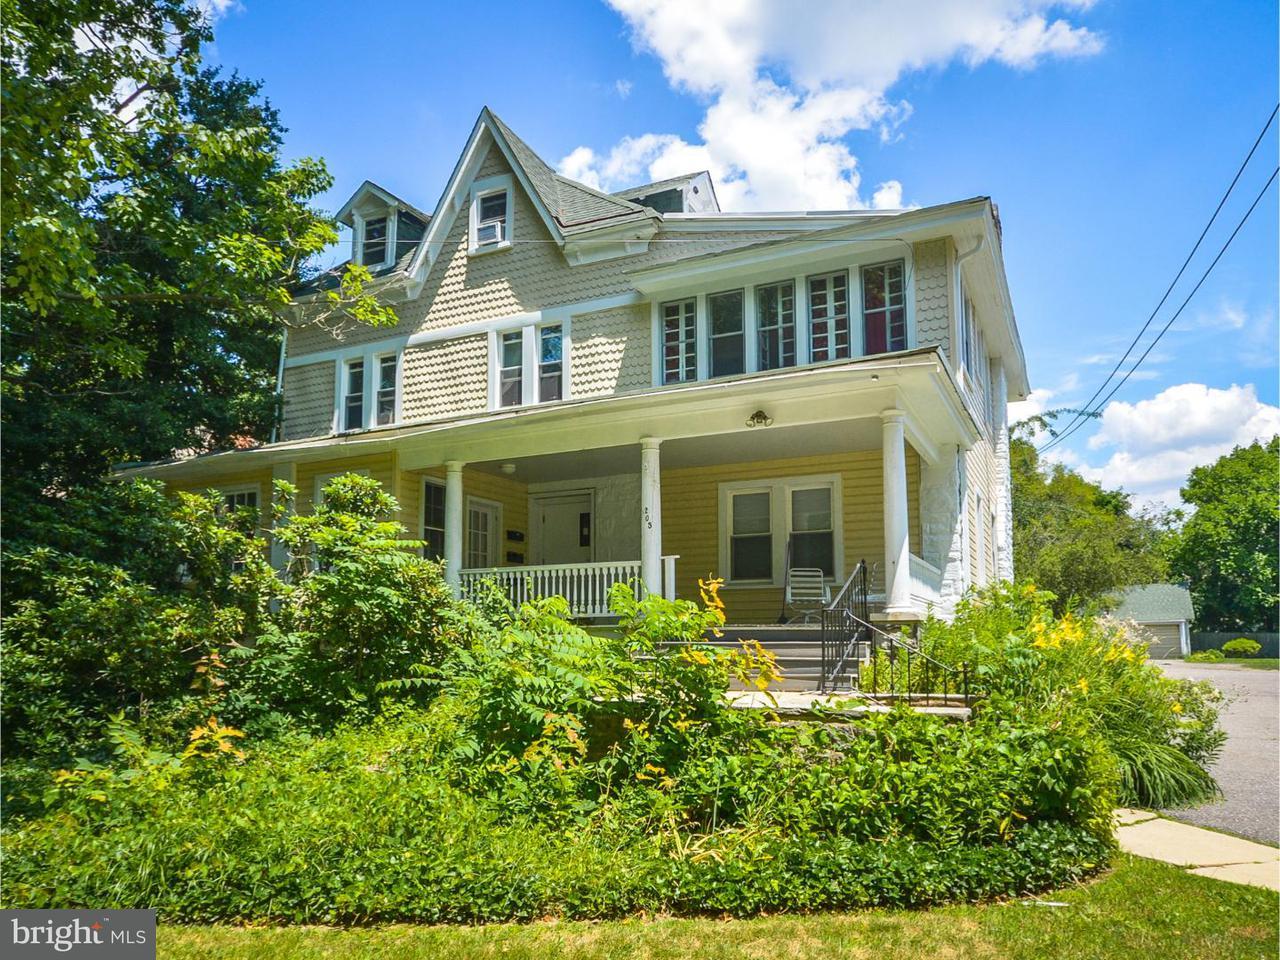 Maison unifamiliale pour l à louer à 205 S SWARTHMORE AVE #1 Swarthmore, Pennsylvanie 19081 États-Unis